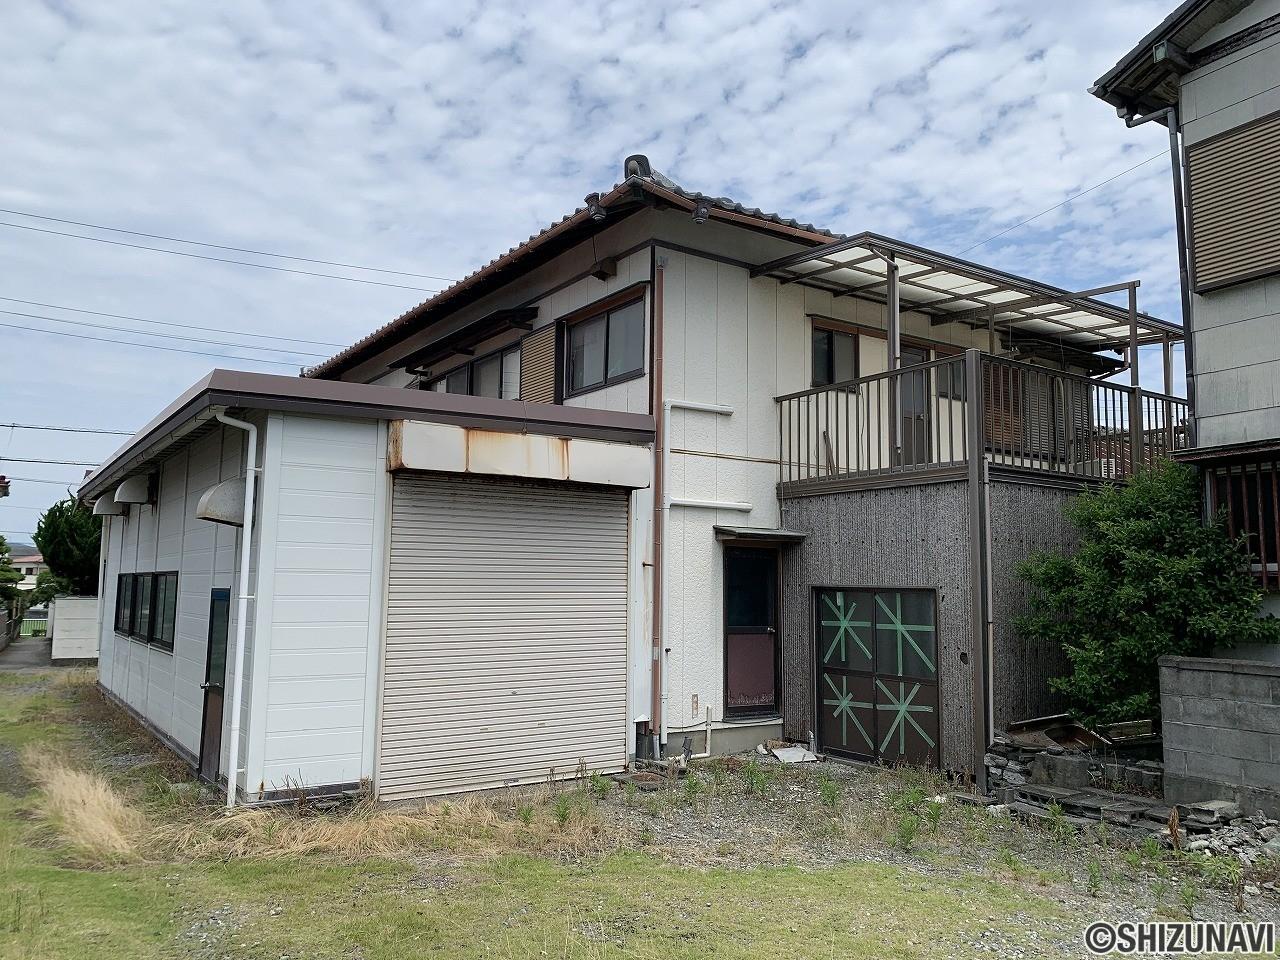 富士市川成島 1階作業場 2階居住スペースの兼用住宅